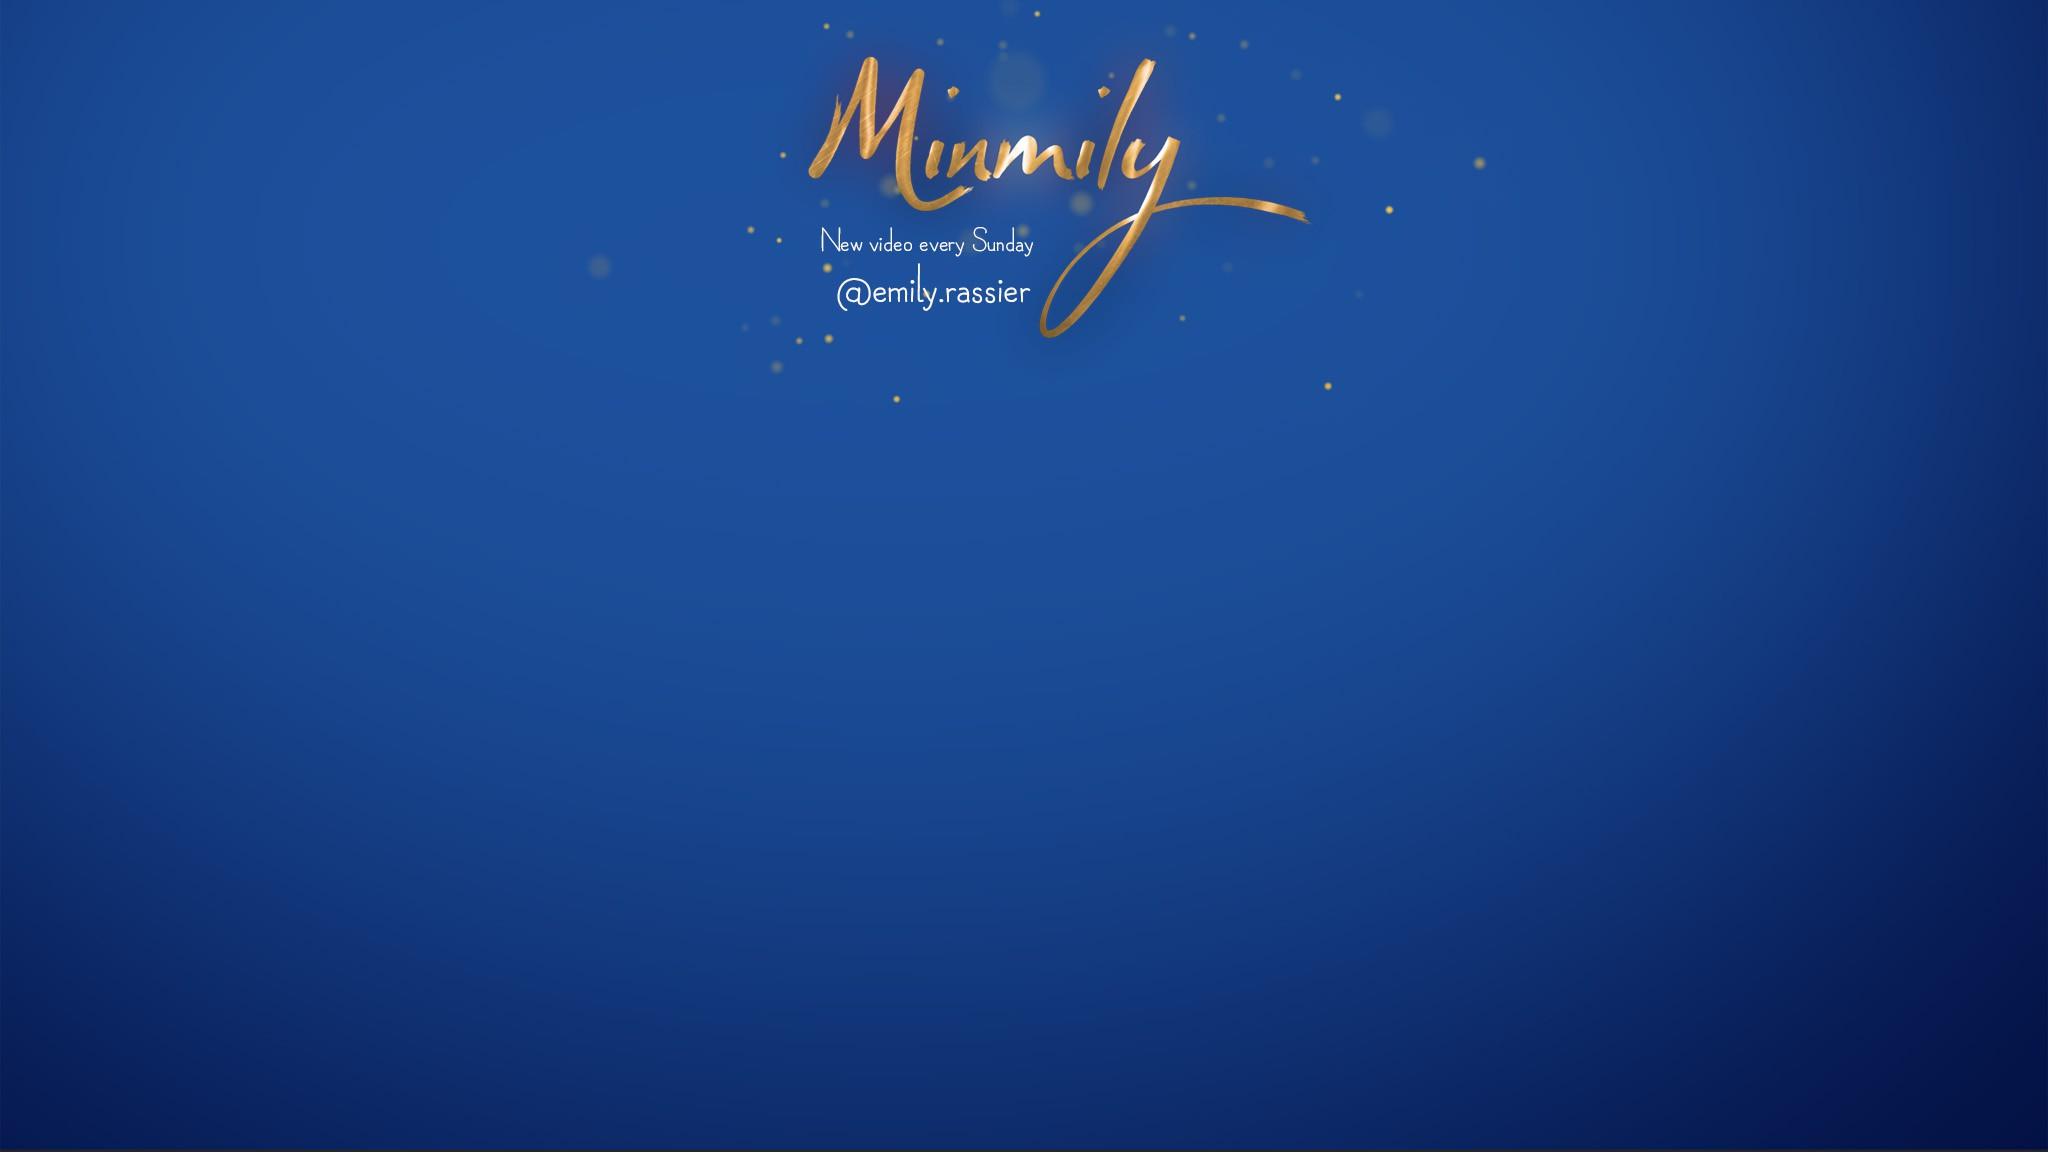 Minmily